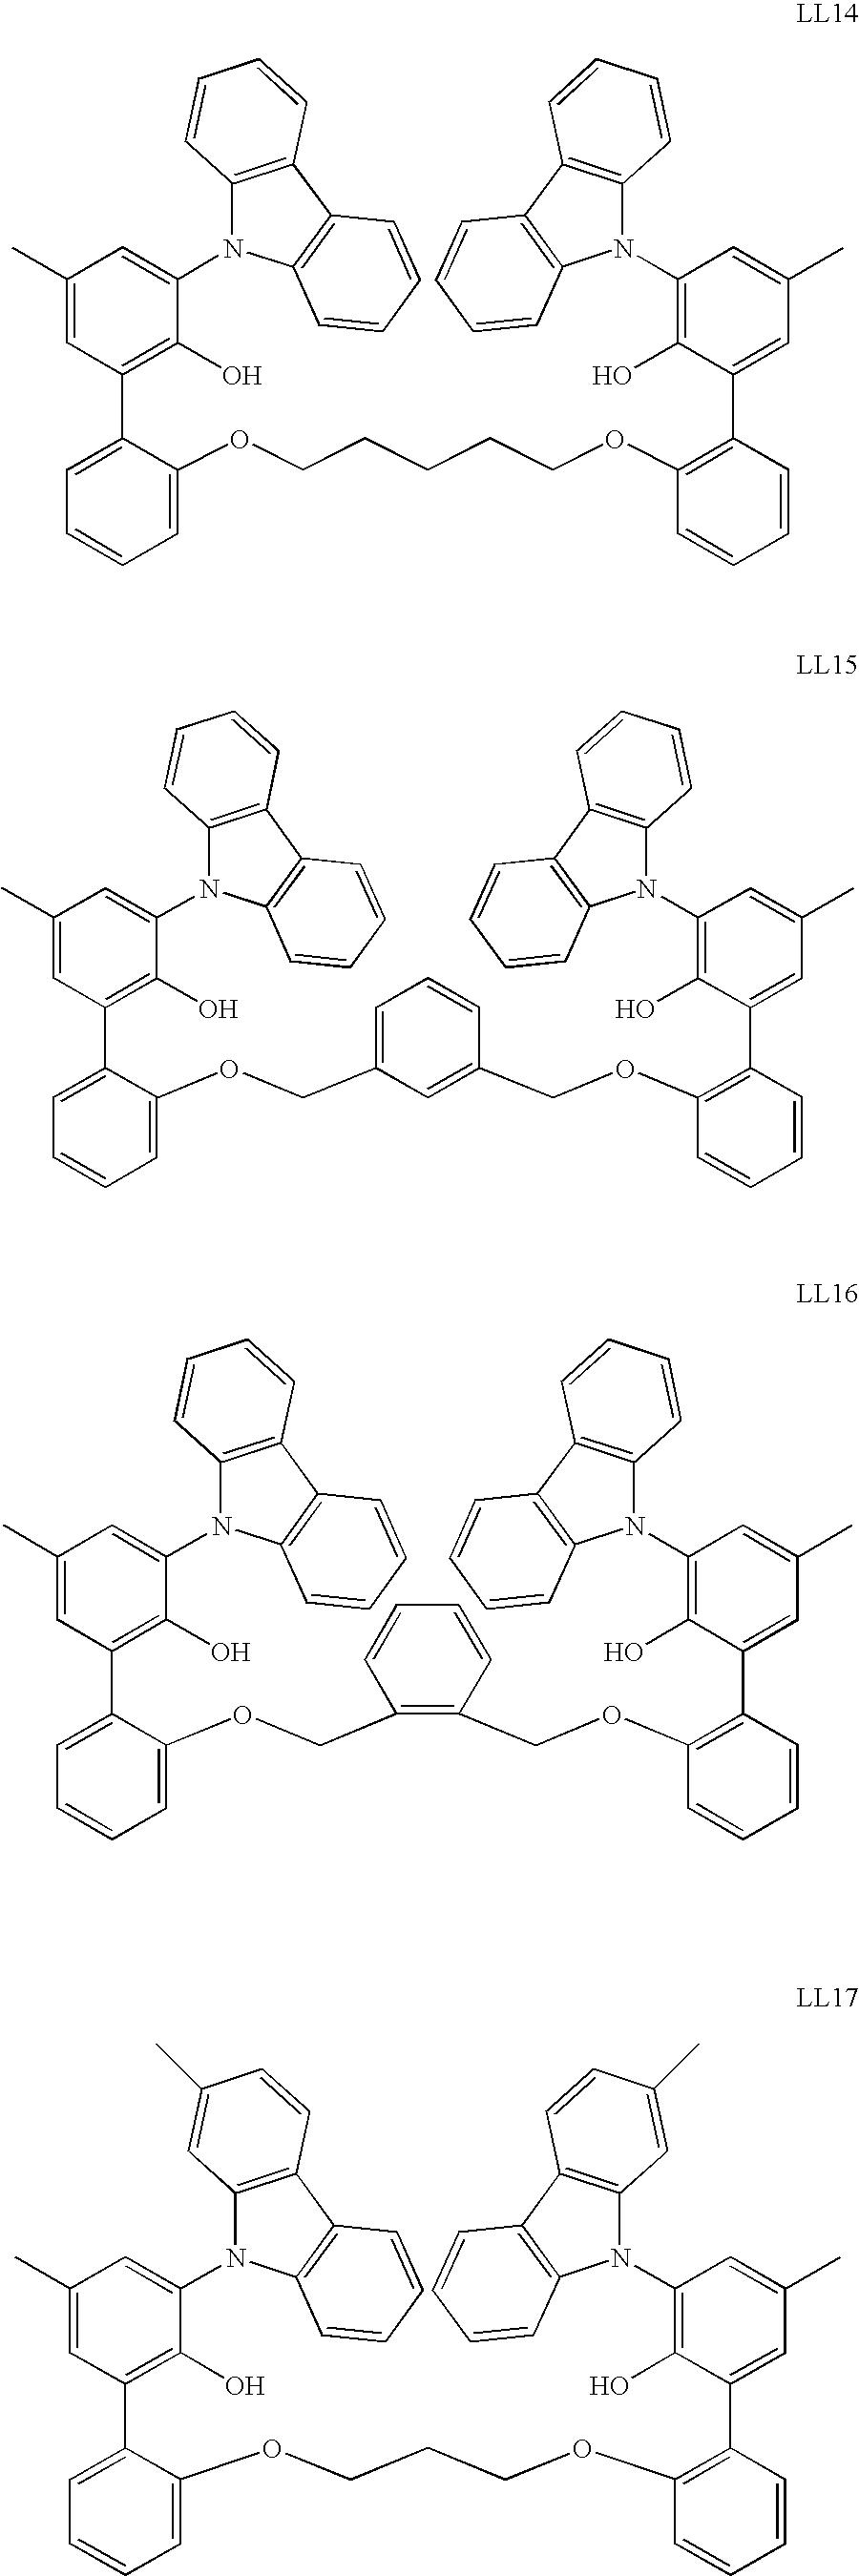 Figure US07241715-20070710-C00009